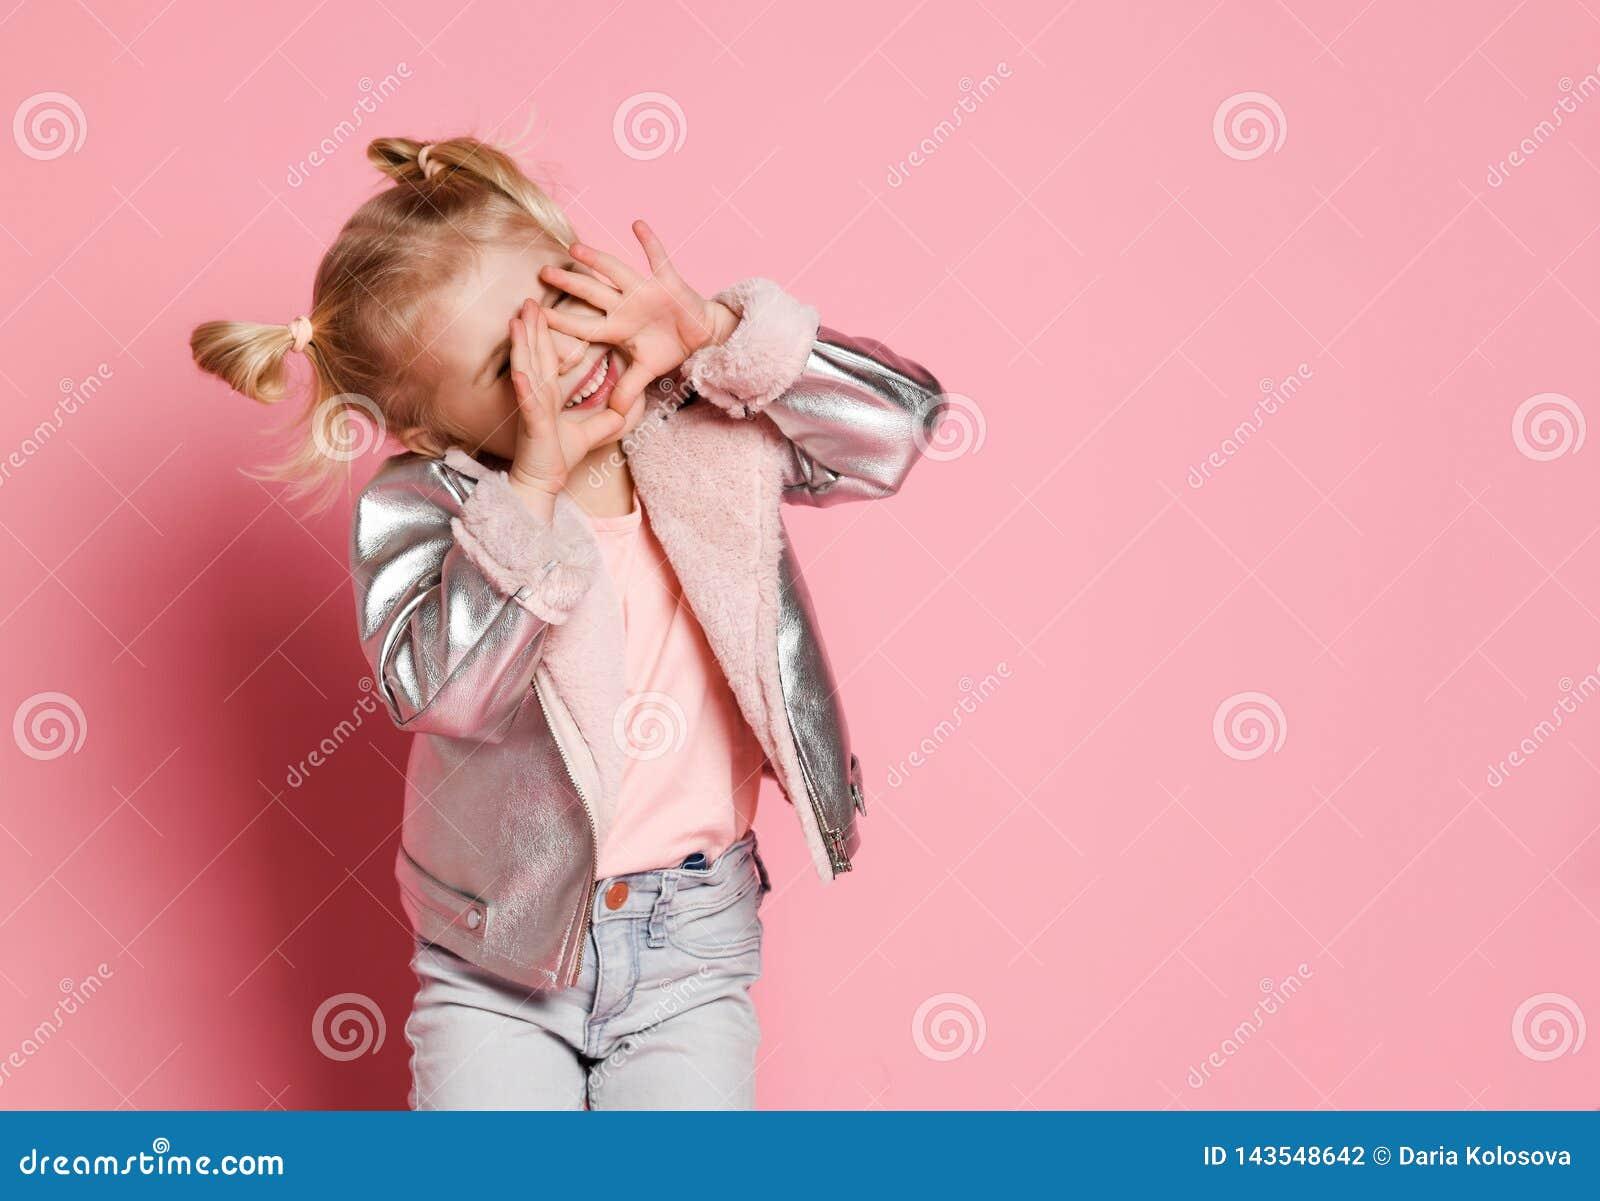 一女孩的画象夸大时髦的衣物的坐桃红色背景和